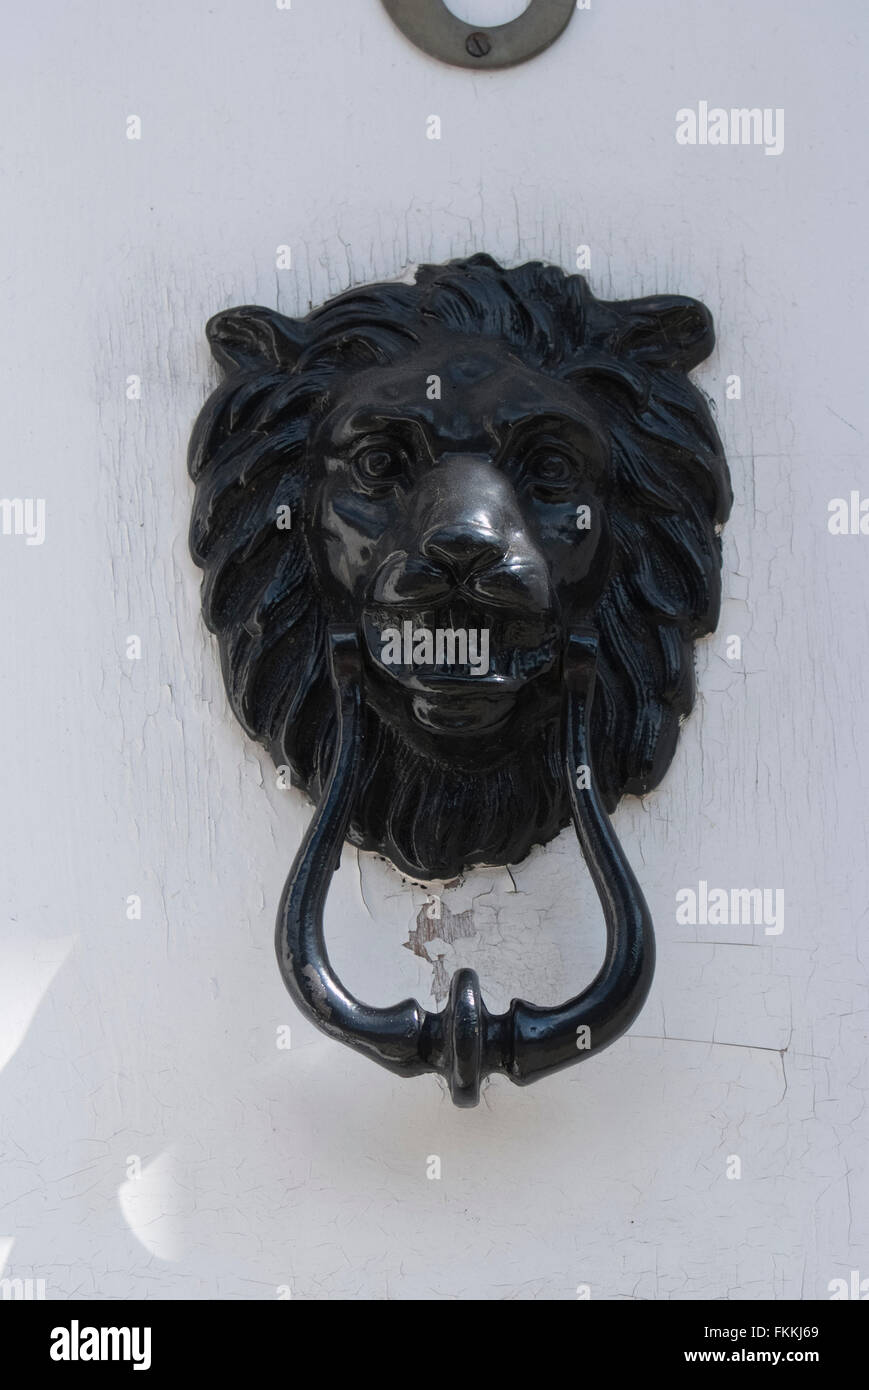 A black lion head door knocker on a door, of a residential house. - - Lion Head Door Knocker Stock Photos & Lion Head Door Knocker Stock